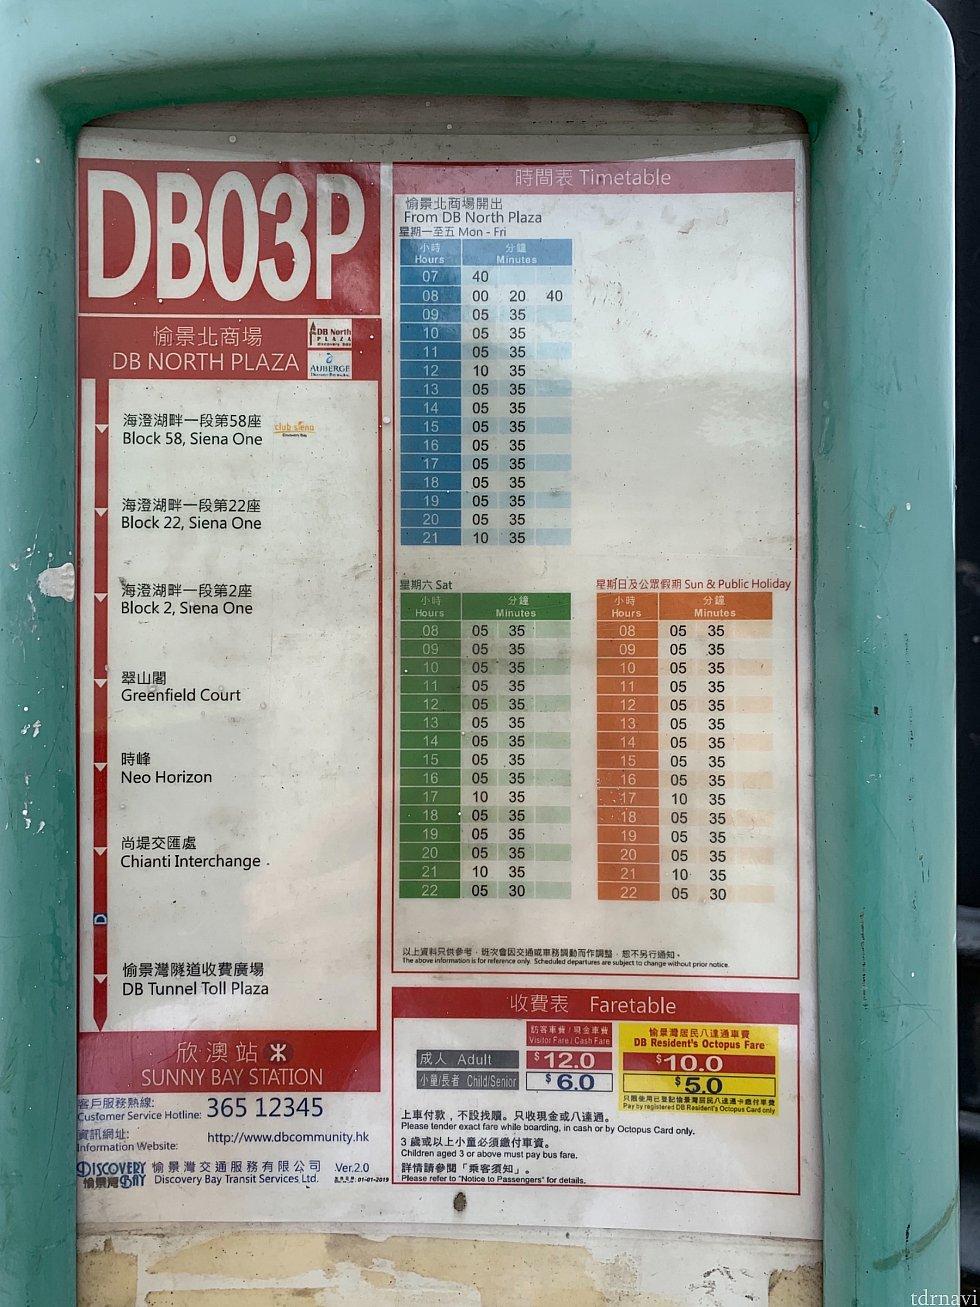 サニーベイまでの路線バス時刻表です。